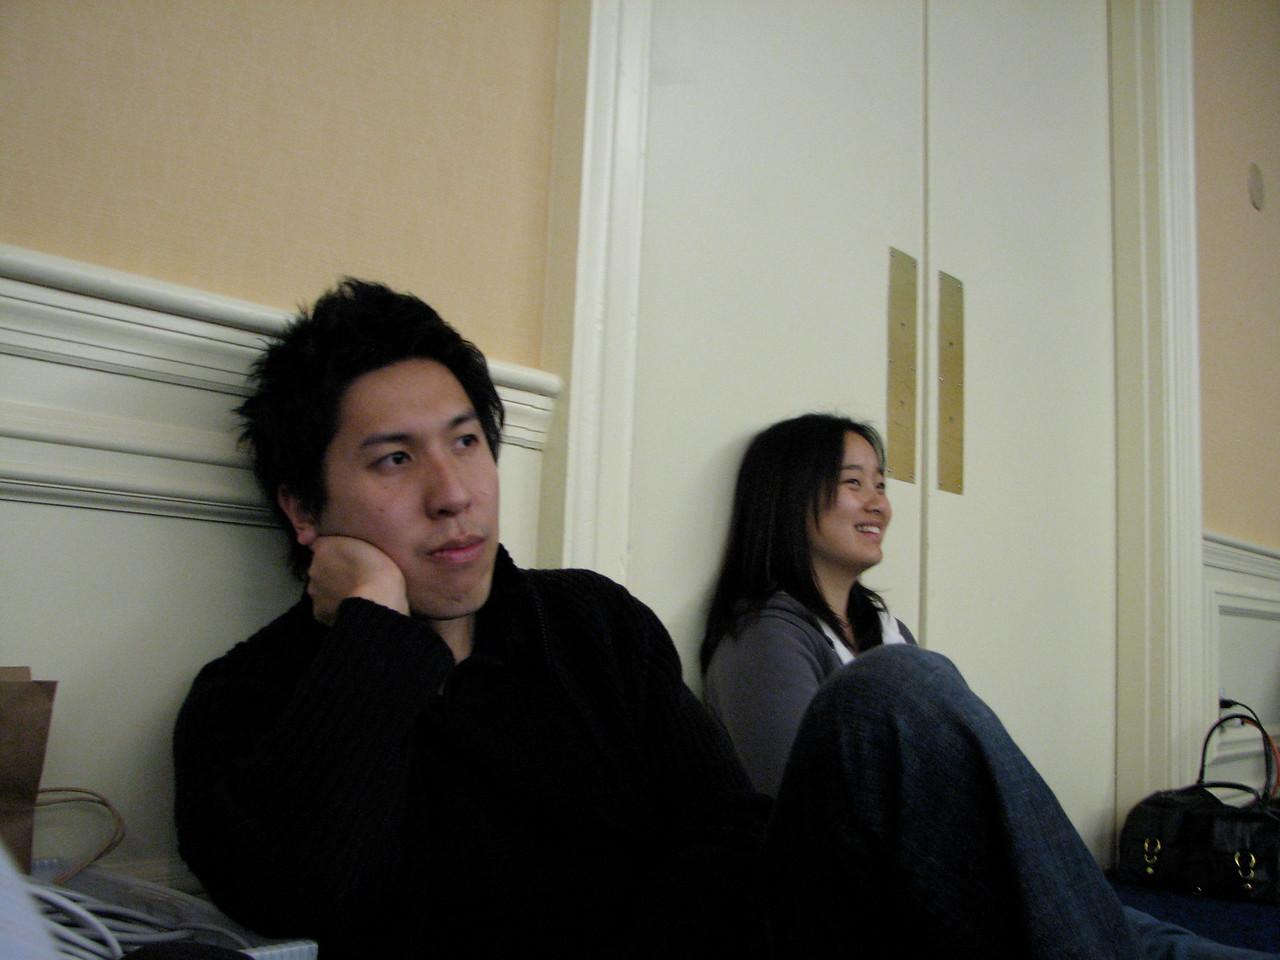 2007 02 17 Sat - Ben Hui & Esther Kang 1